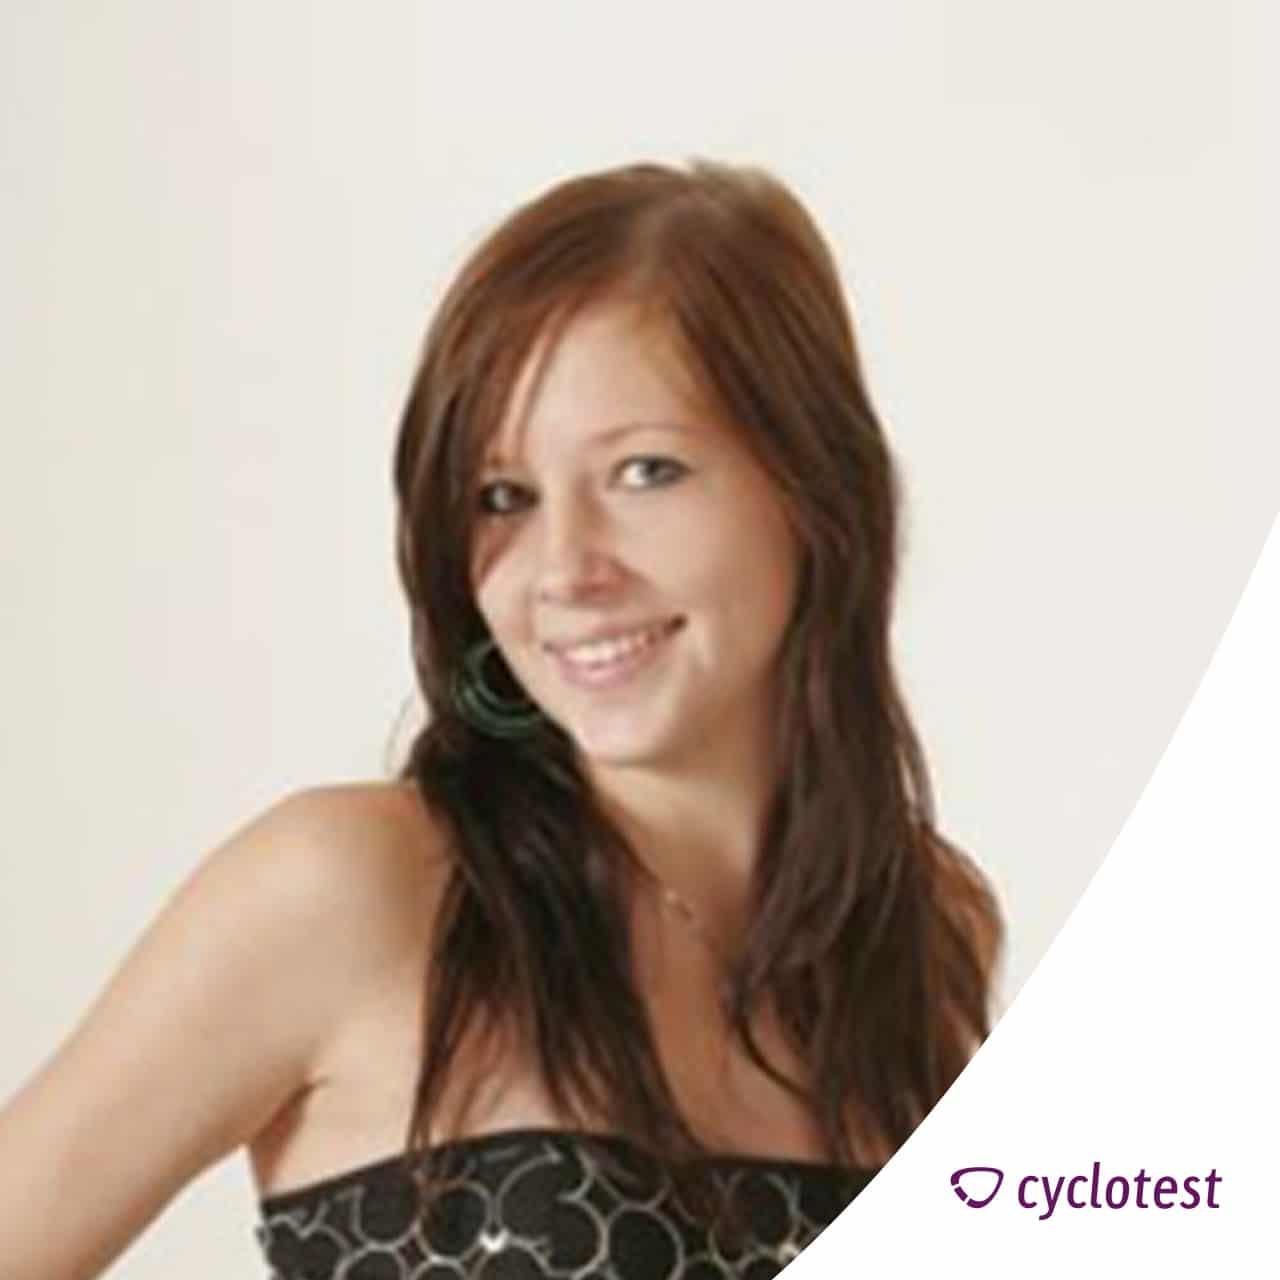 Laura ist mit der Entscheidung für den cyclotest myWay sehr zufrieden.